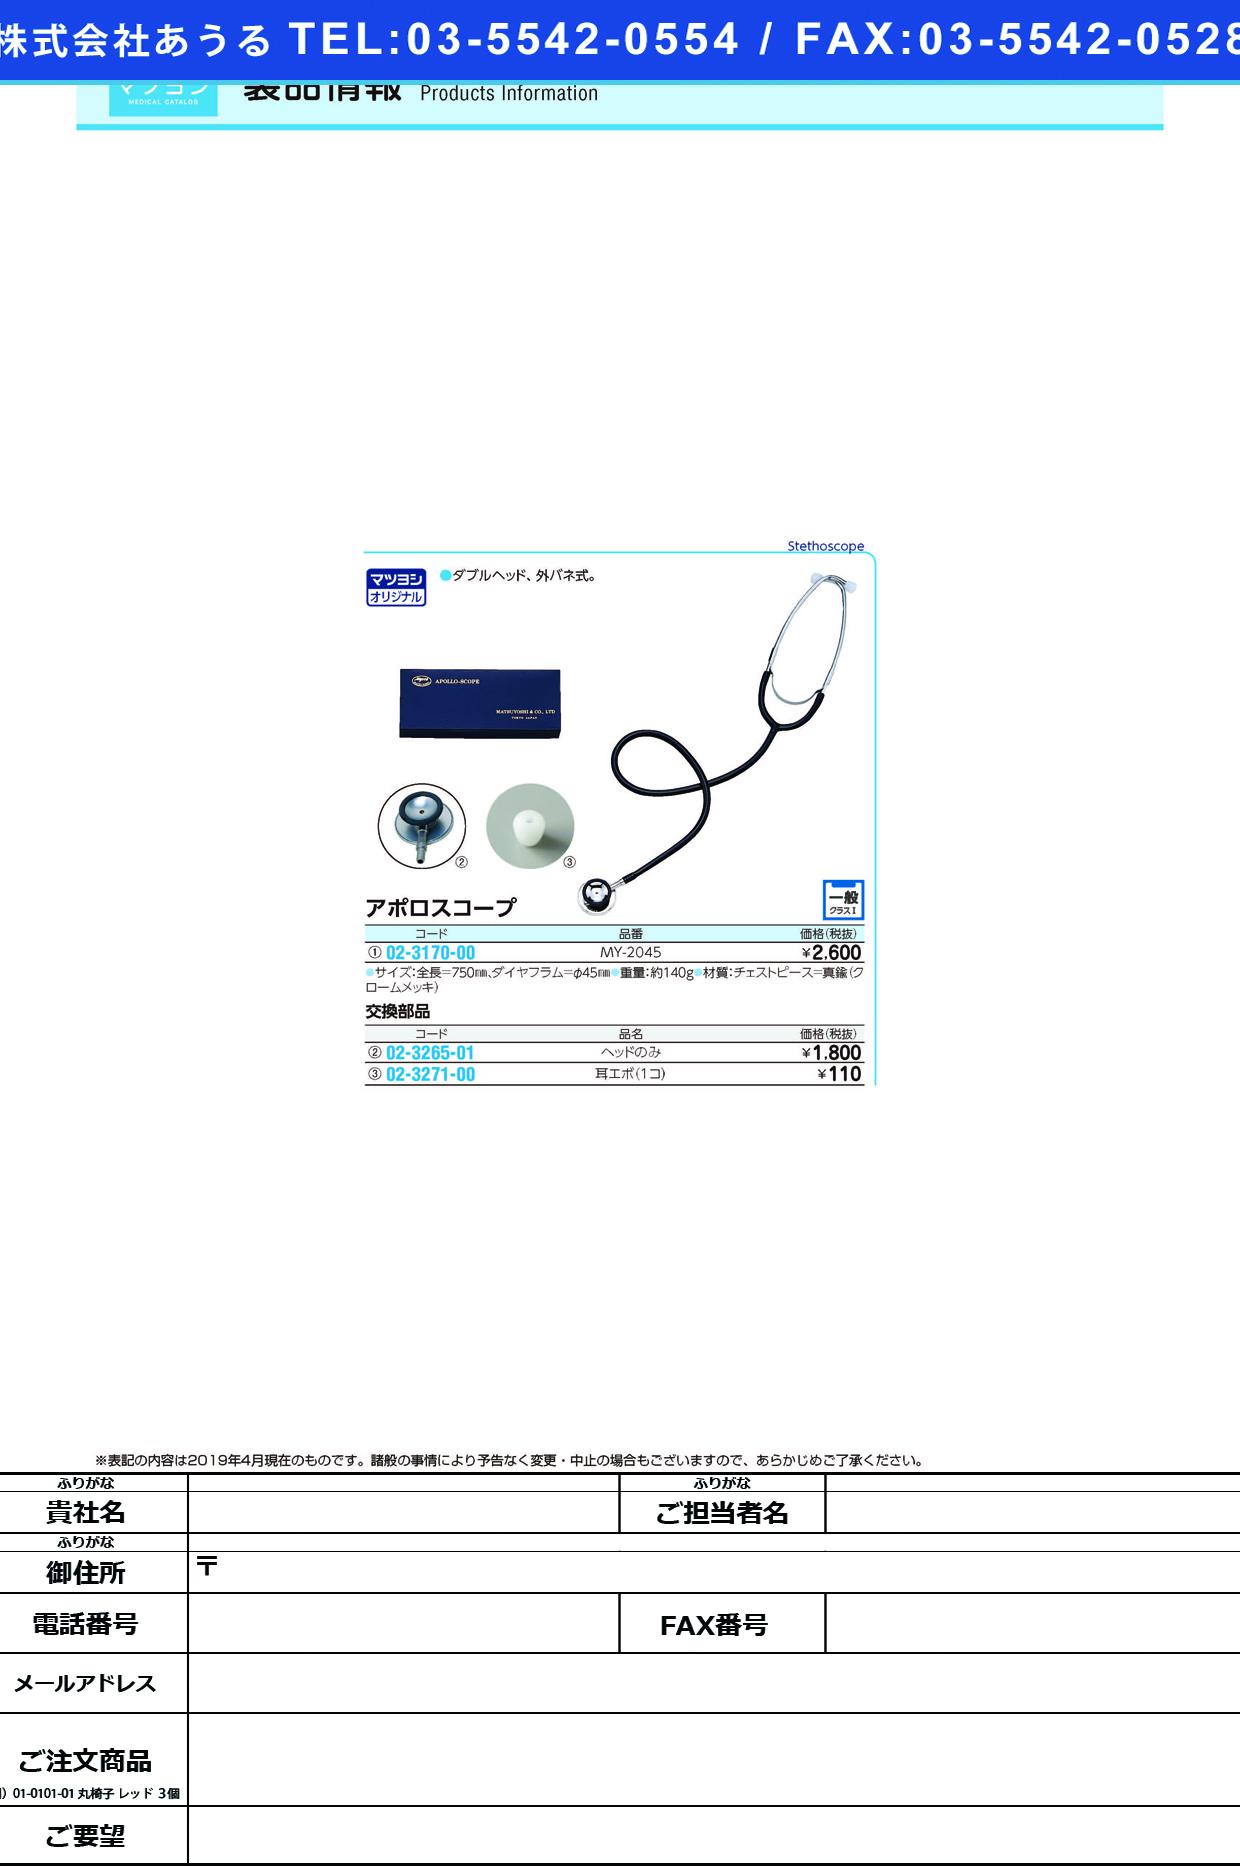 (02-3265-01)聴診器用ヘッド(アポロスコープ用)  アポロスコープ(ケンツメディコ)【1個単位】【2019年カタログ商品】